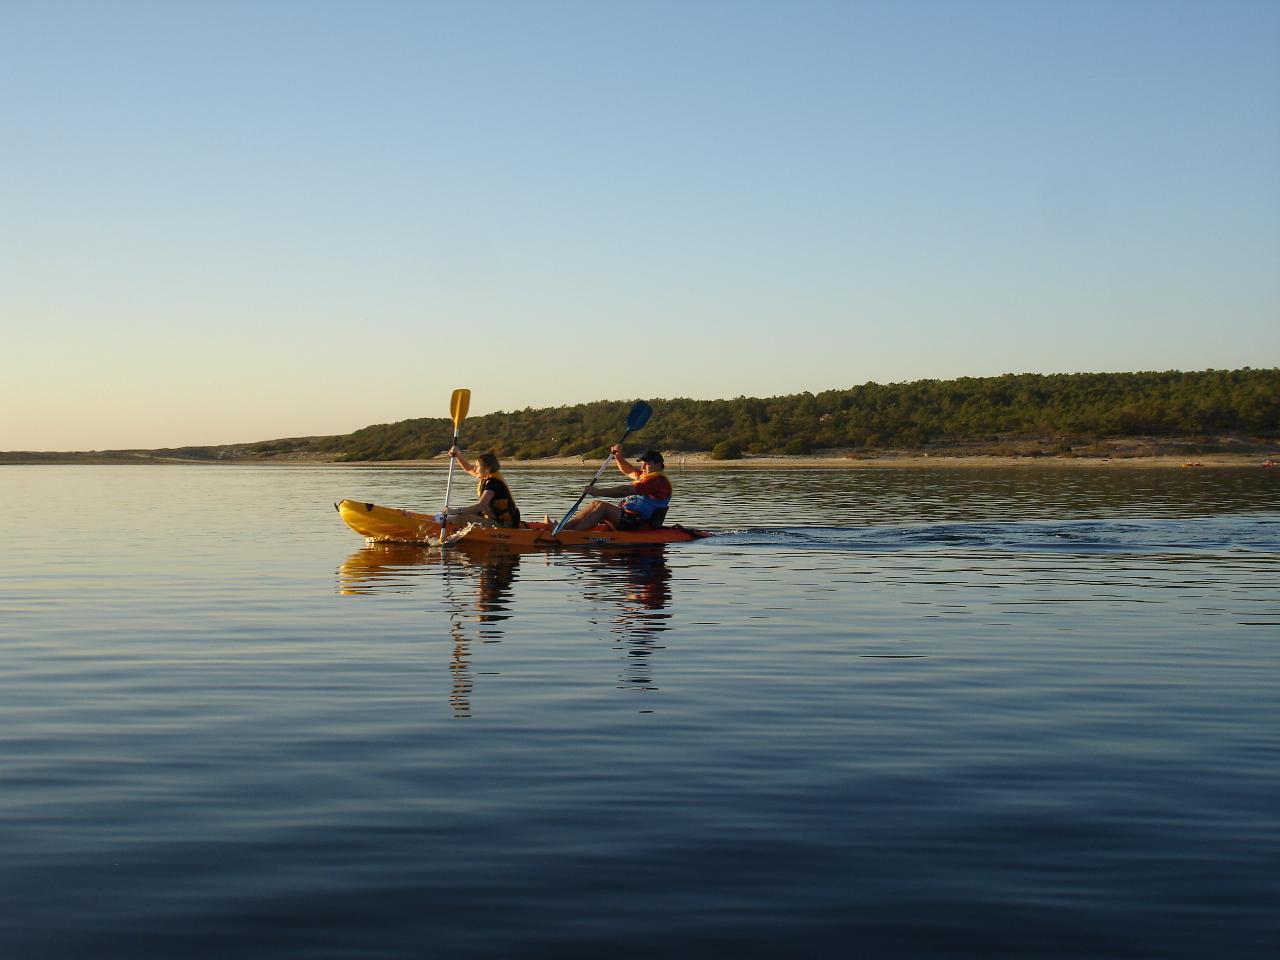 Tour de Kayak na Lagoa de Albufeira